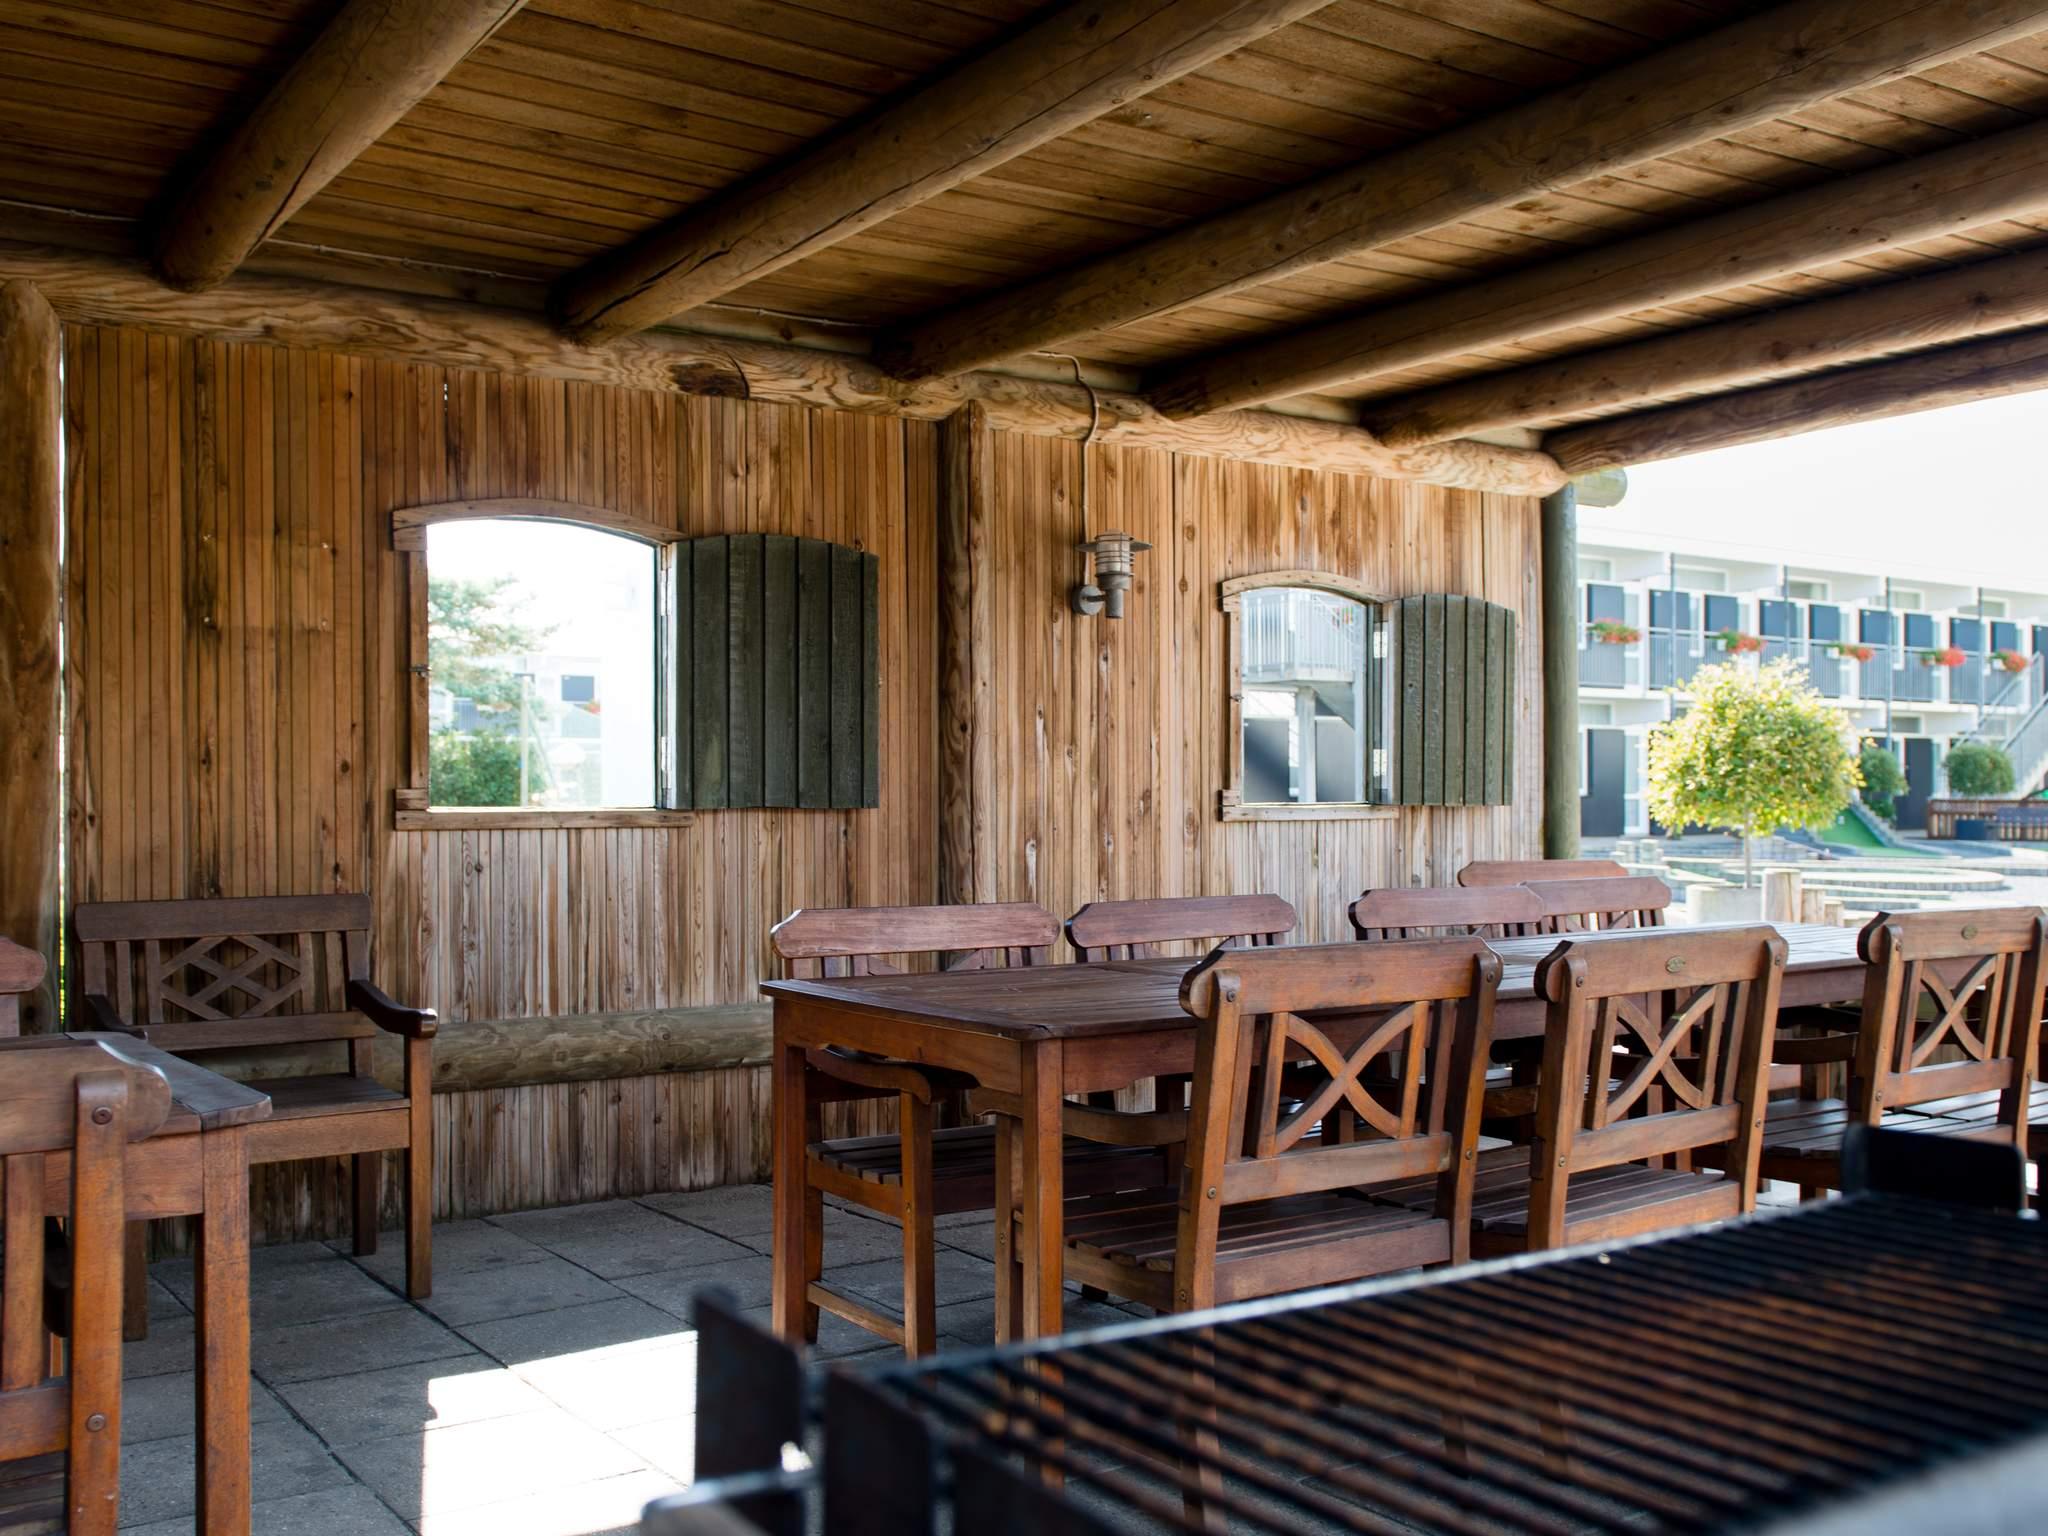 Ferienwohnung Bønnerup Strand - Typ 5 - 3 Zimmer,1.stock,Penthouse (1719346), Bønnerup, , Ostjütland, Dänemark, Bild 23